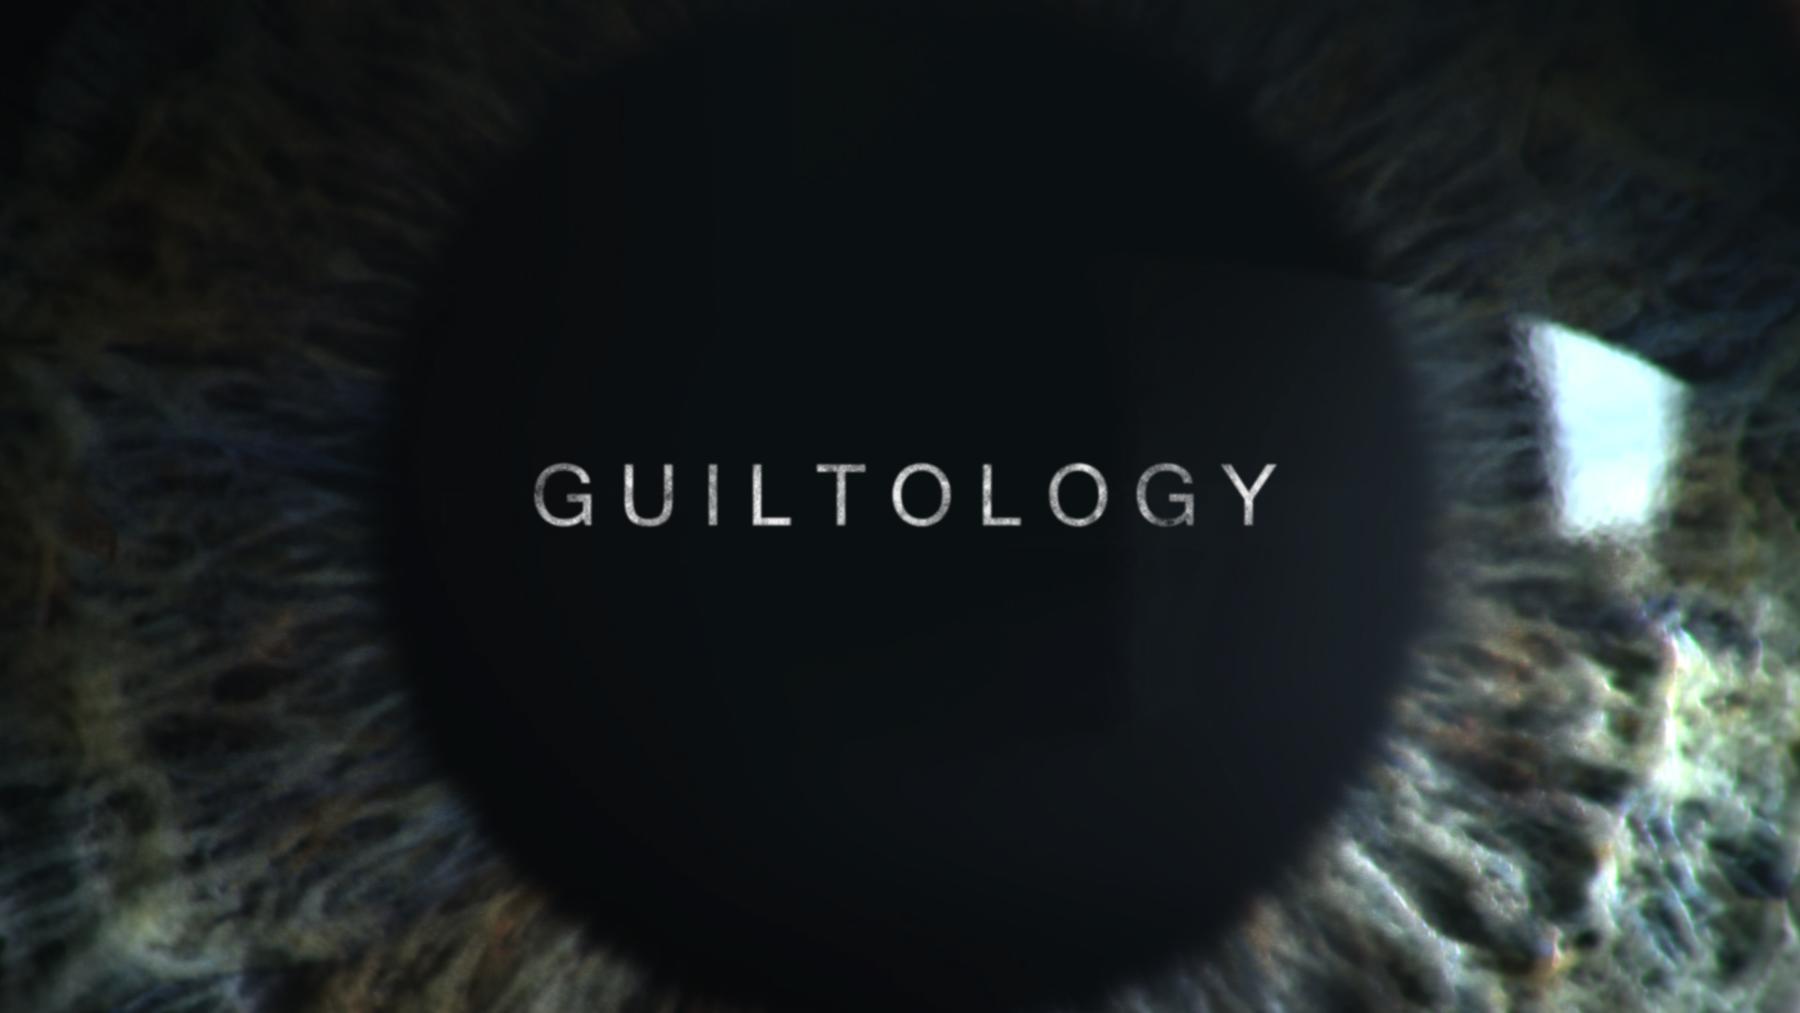 Guiltology - Täterjagd im Labor